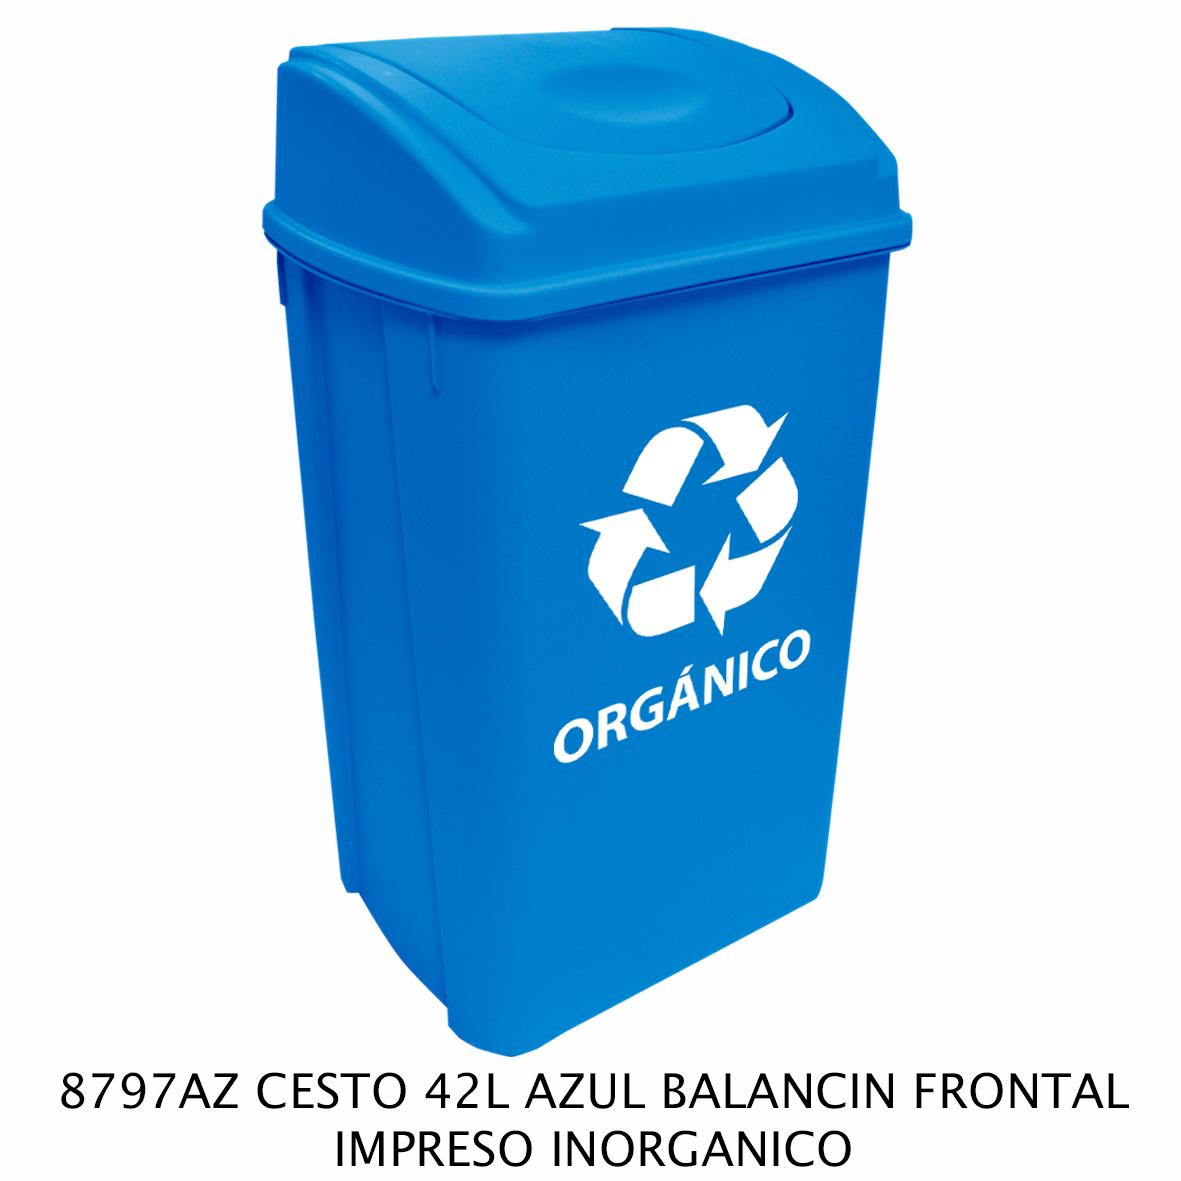 Bote de basura de 42 litros con balancín frontal color azul modelo 8797AZ impreso inorgánico de Sablón